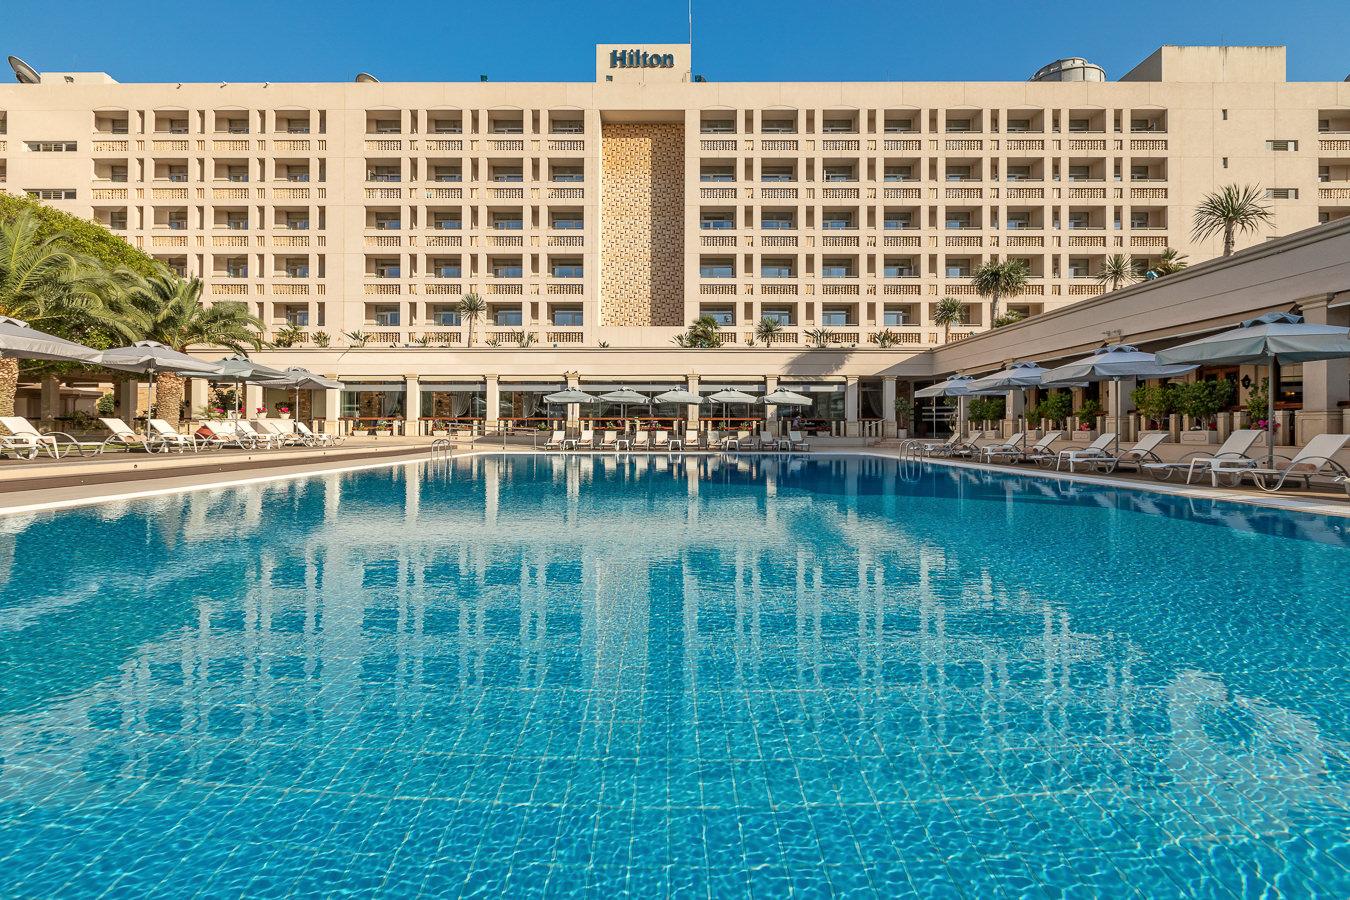 Hilton Nicosia, Cyprus, Γιώργος Φάκαρος - Αρχιτεκτονική Φωτογραφία | Εσωτερικοί Χώροι | Φωτογραφία Ξενοδοχειών - Photography / Φωτογραφία